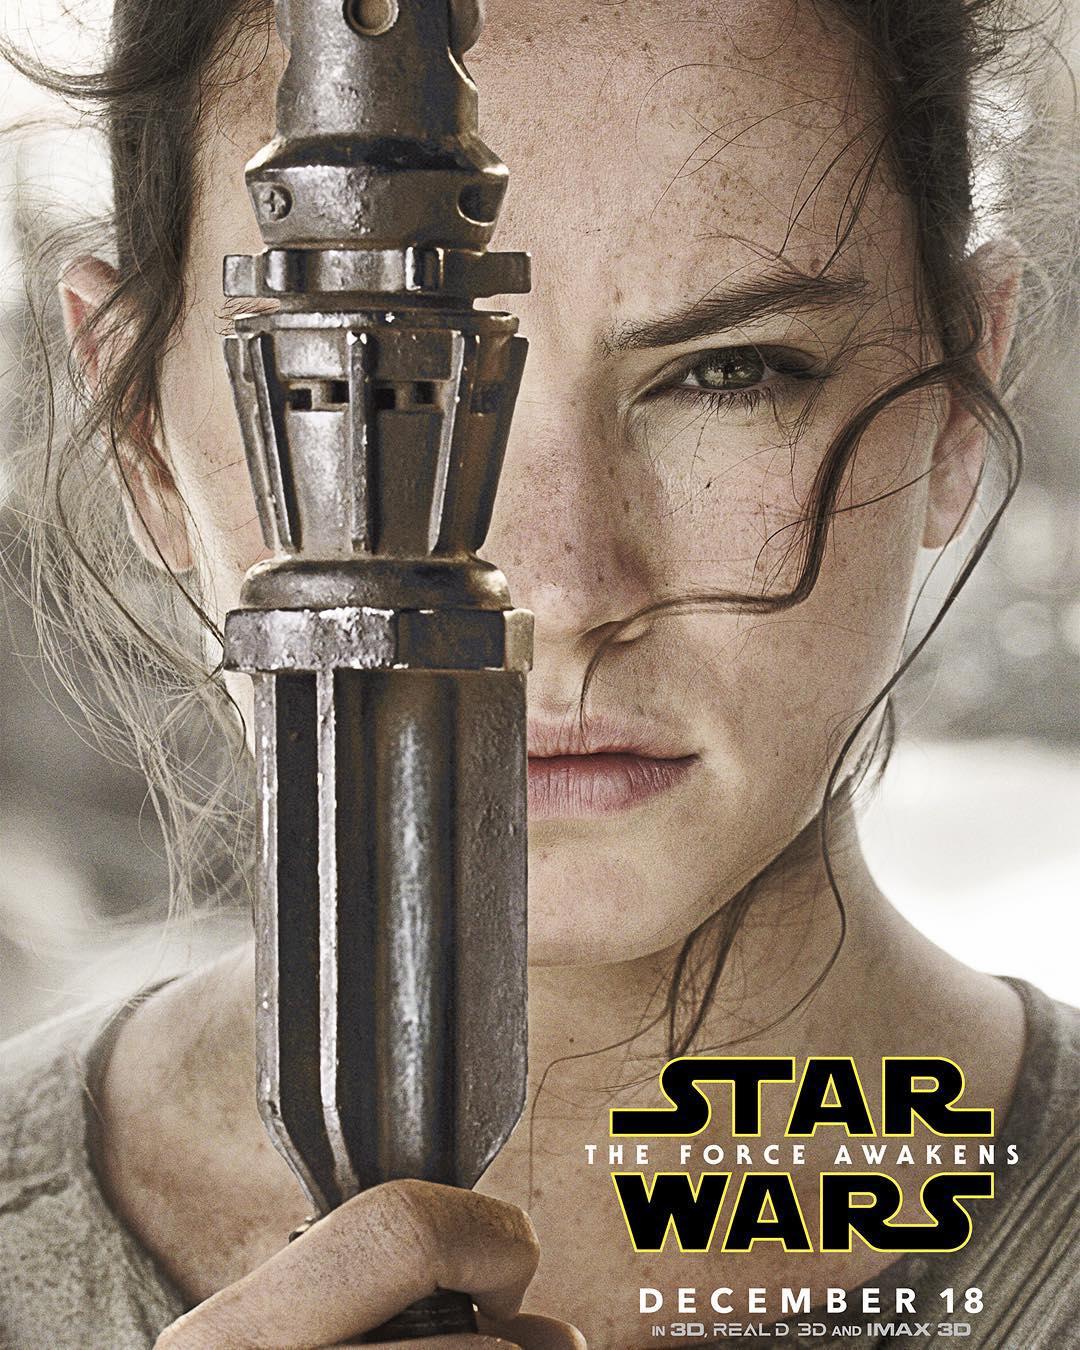 Star Wars: Episodio VII - Il Risveglio della Forza: il character poster di Daisy Ridley